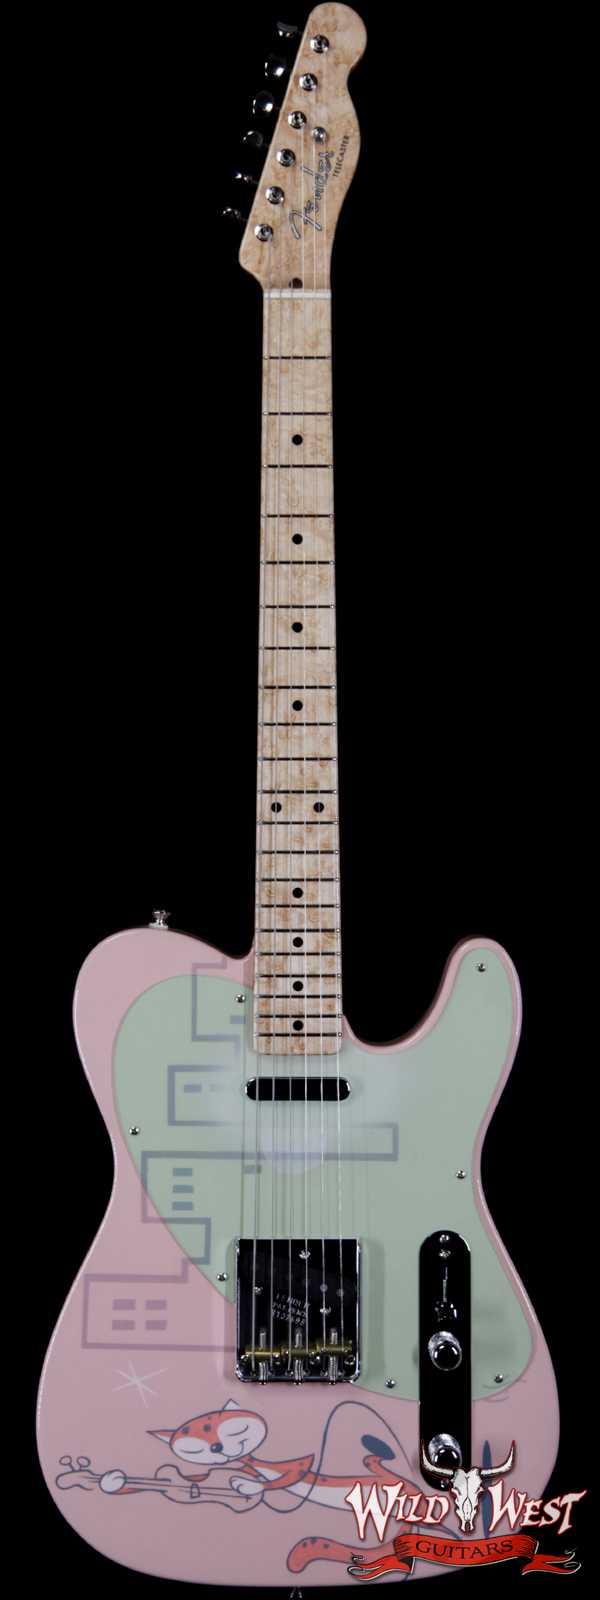 2020 NAMM Fender Custom Shop Dale Wilson Masterbuilt 50's Pink Special Telecaster NOS Artwork by Chris Schnabel One of Kind